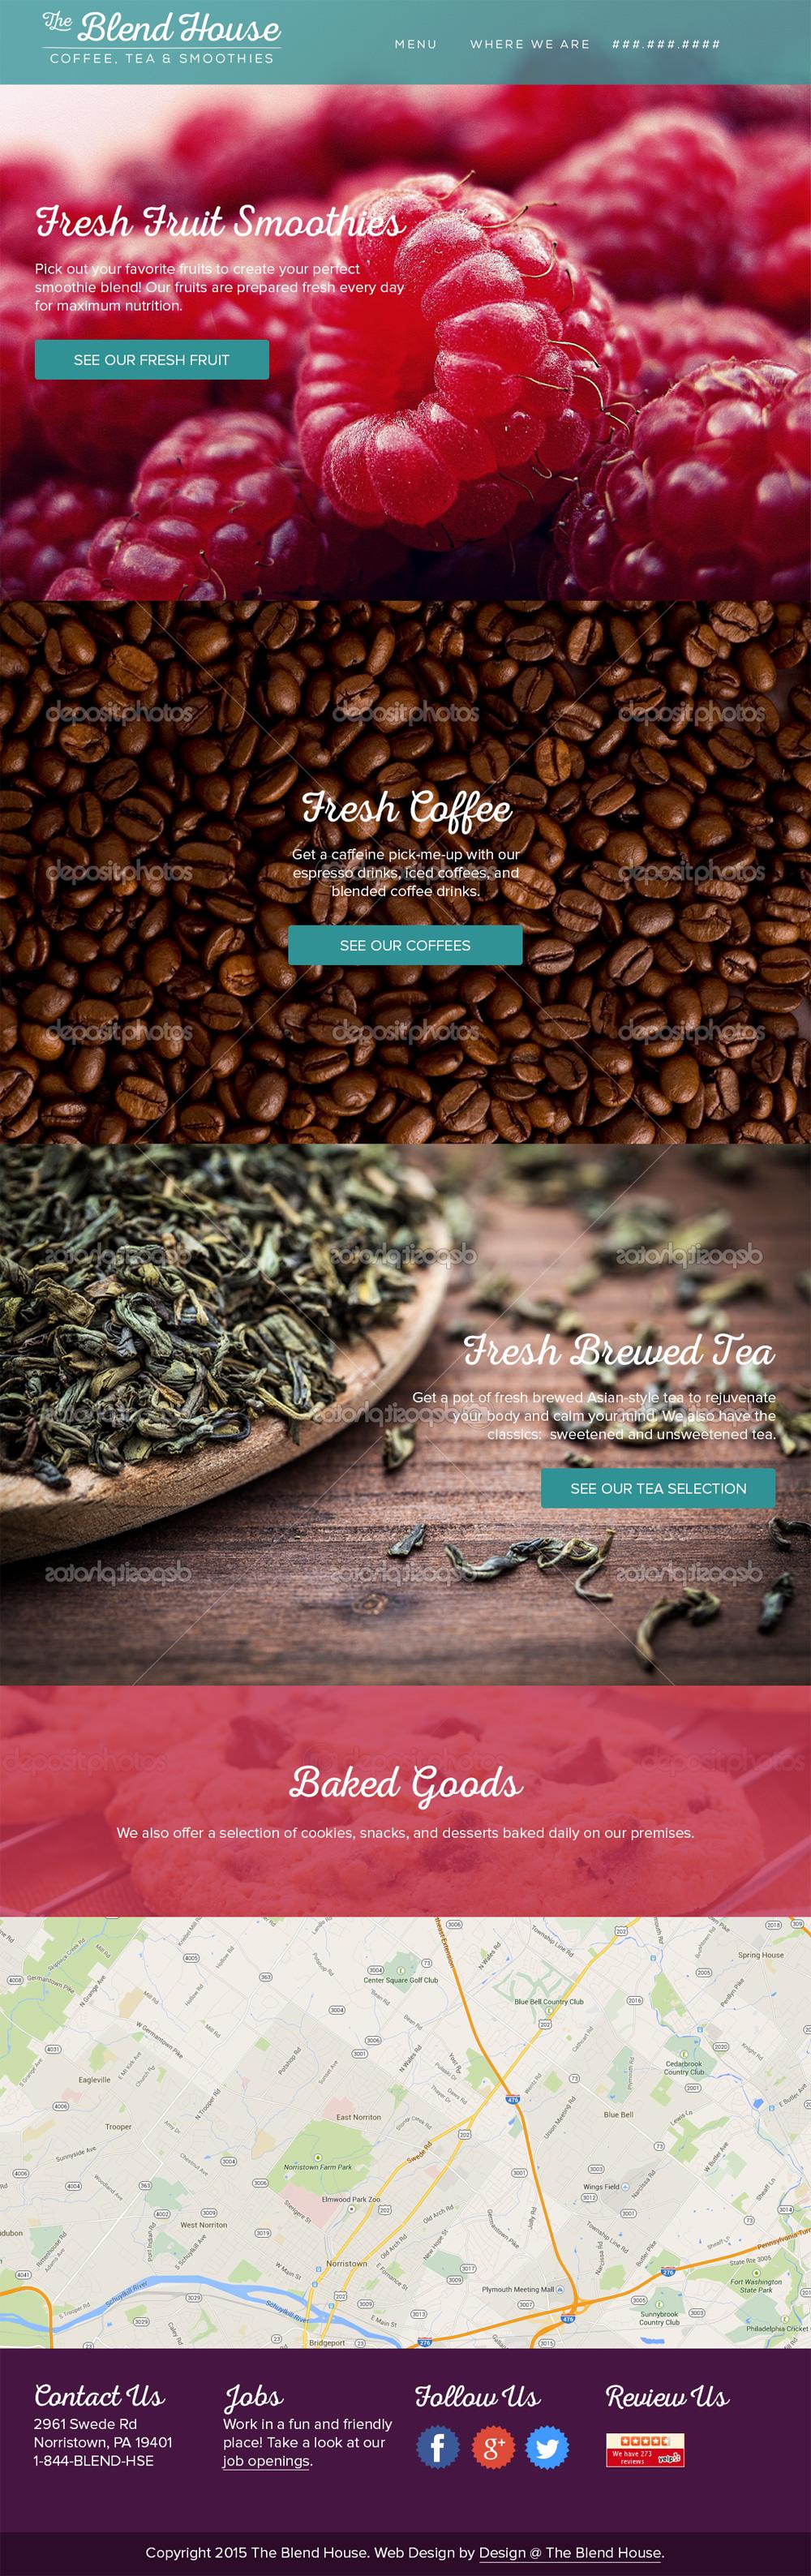 Smoothie Cafe Web Design Mockup